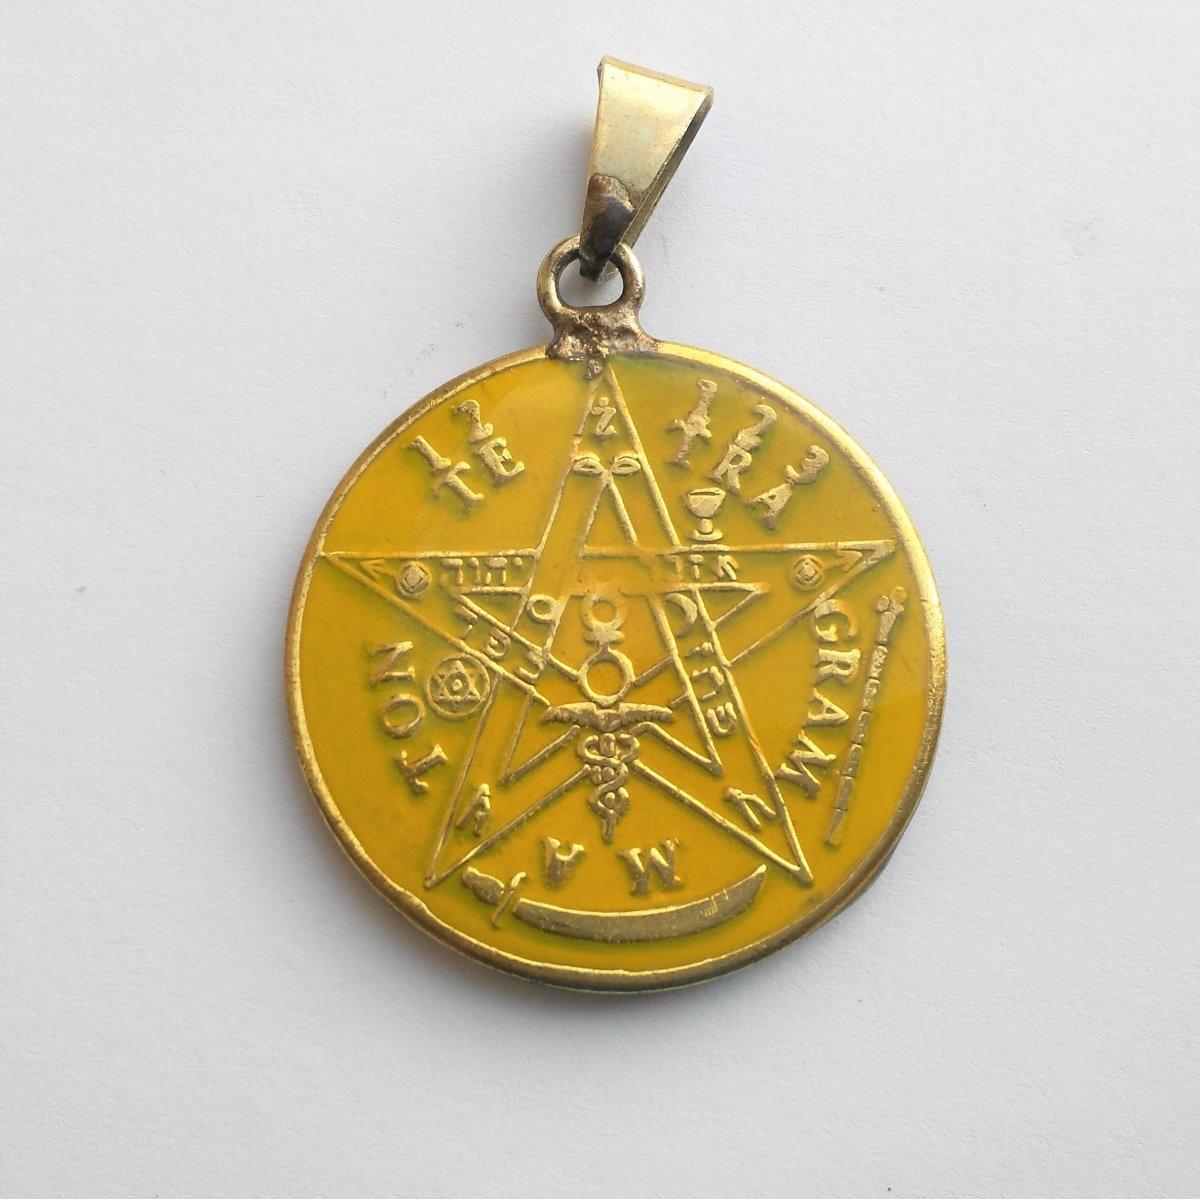 Medalla San Judas Tadeo Detallado Forjado Y Pintado A Mano